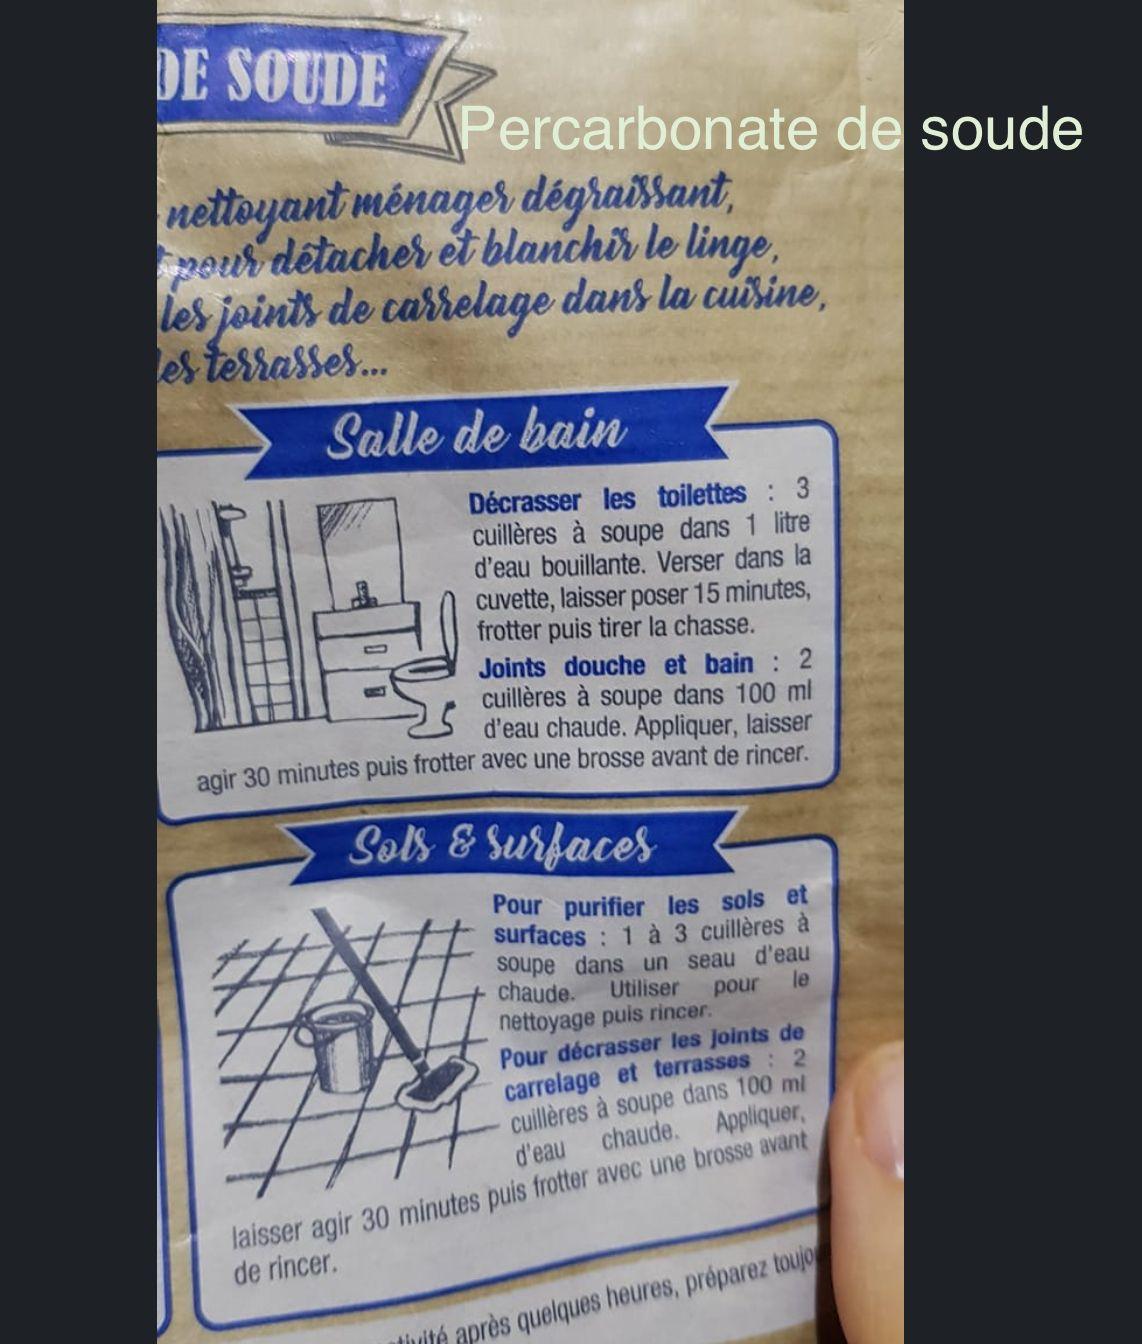 Percarbonate de soude pour nettoyer WC et joints sdb